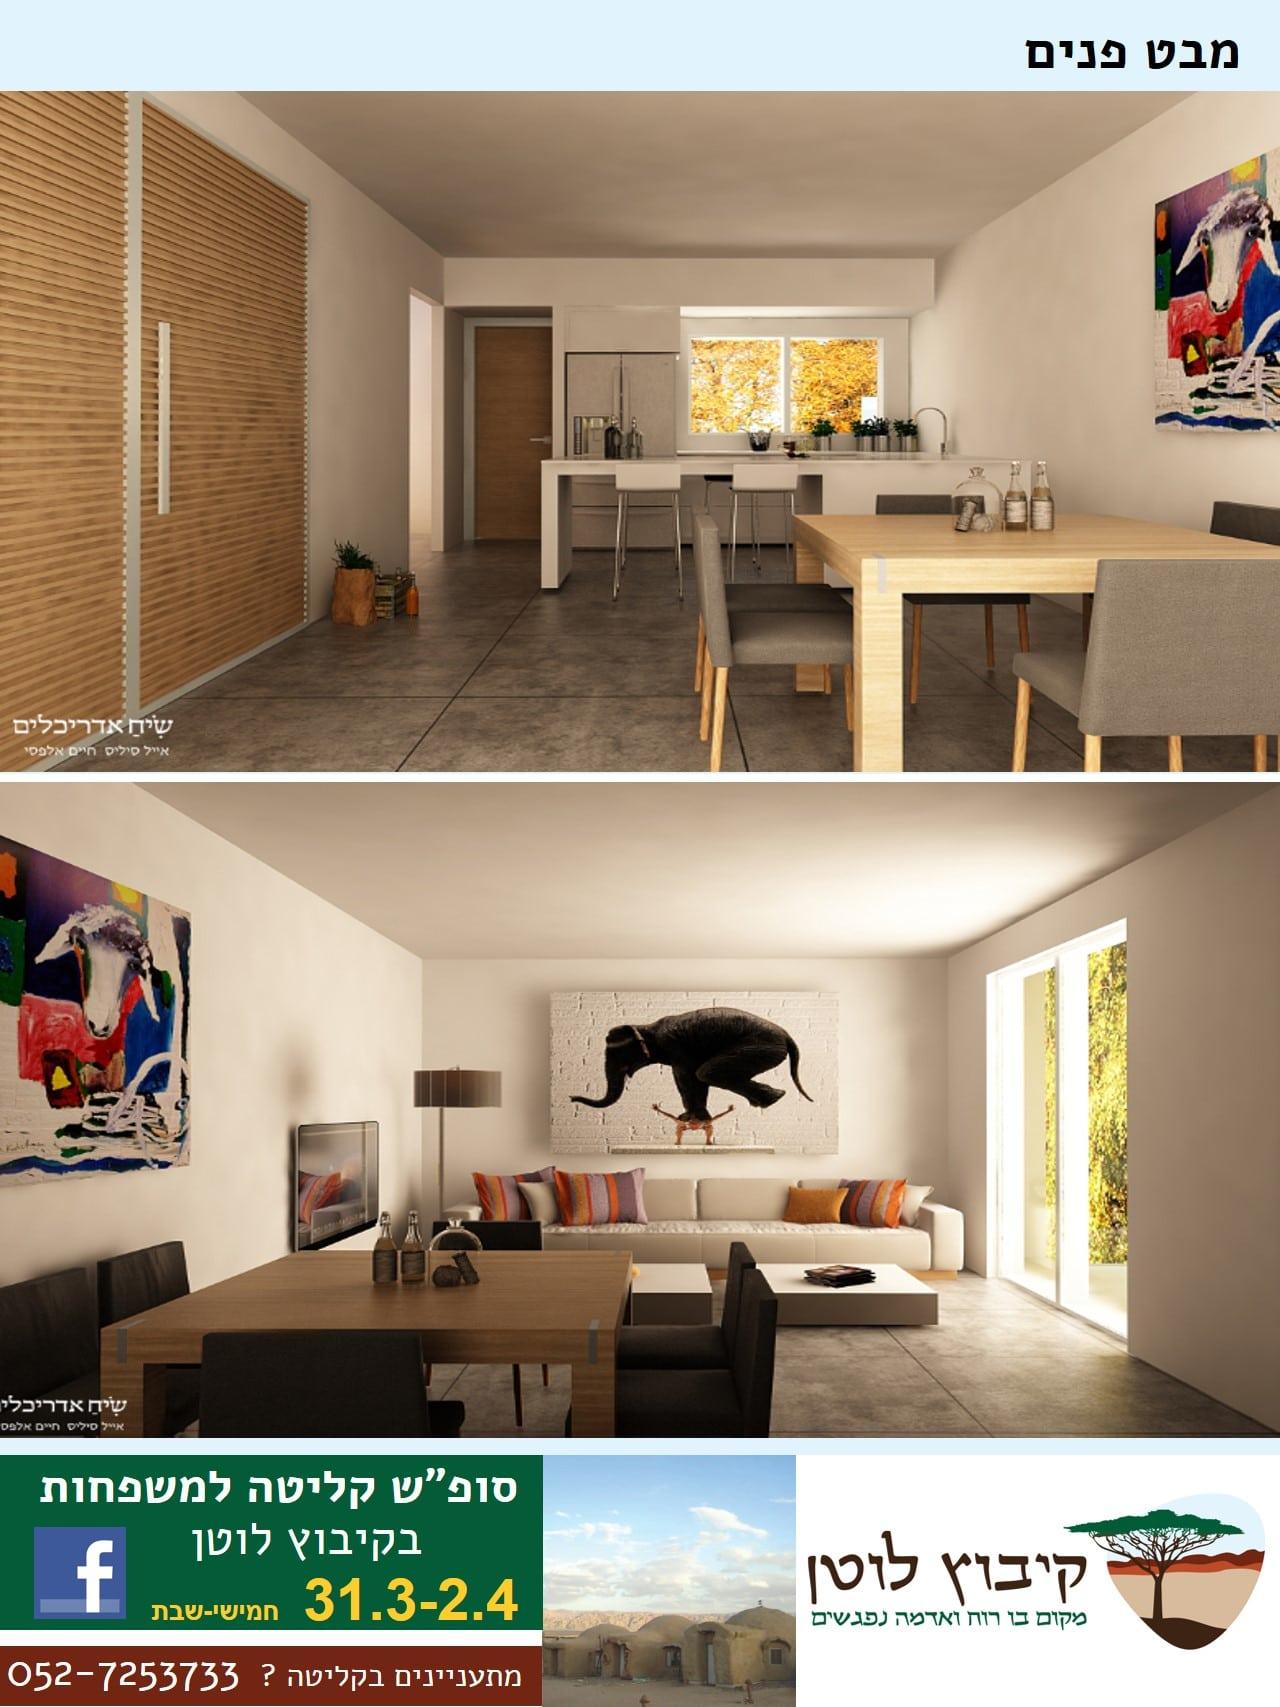 בית בקיבוץ-לוטן-הדמיה של הבית